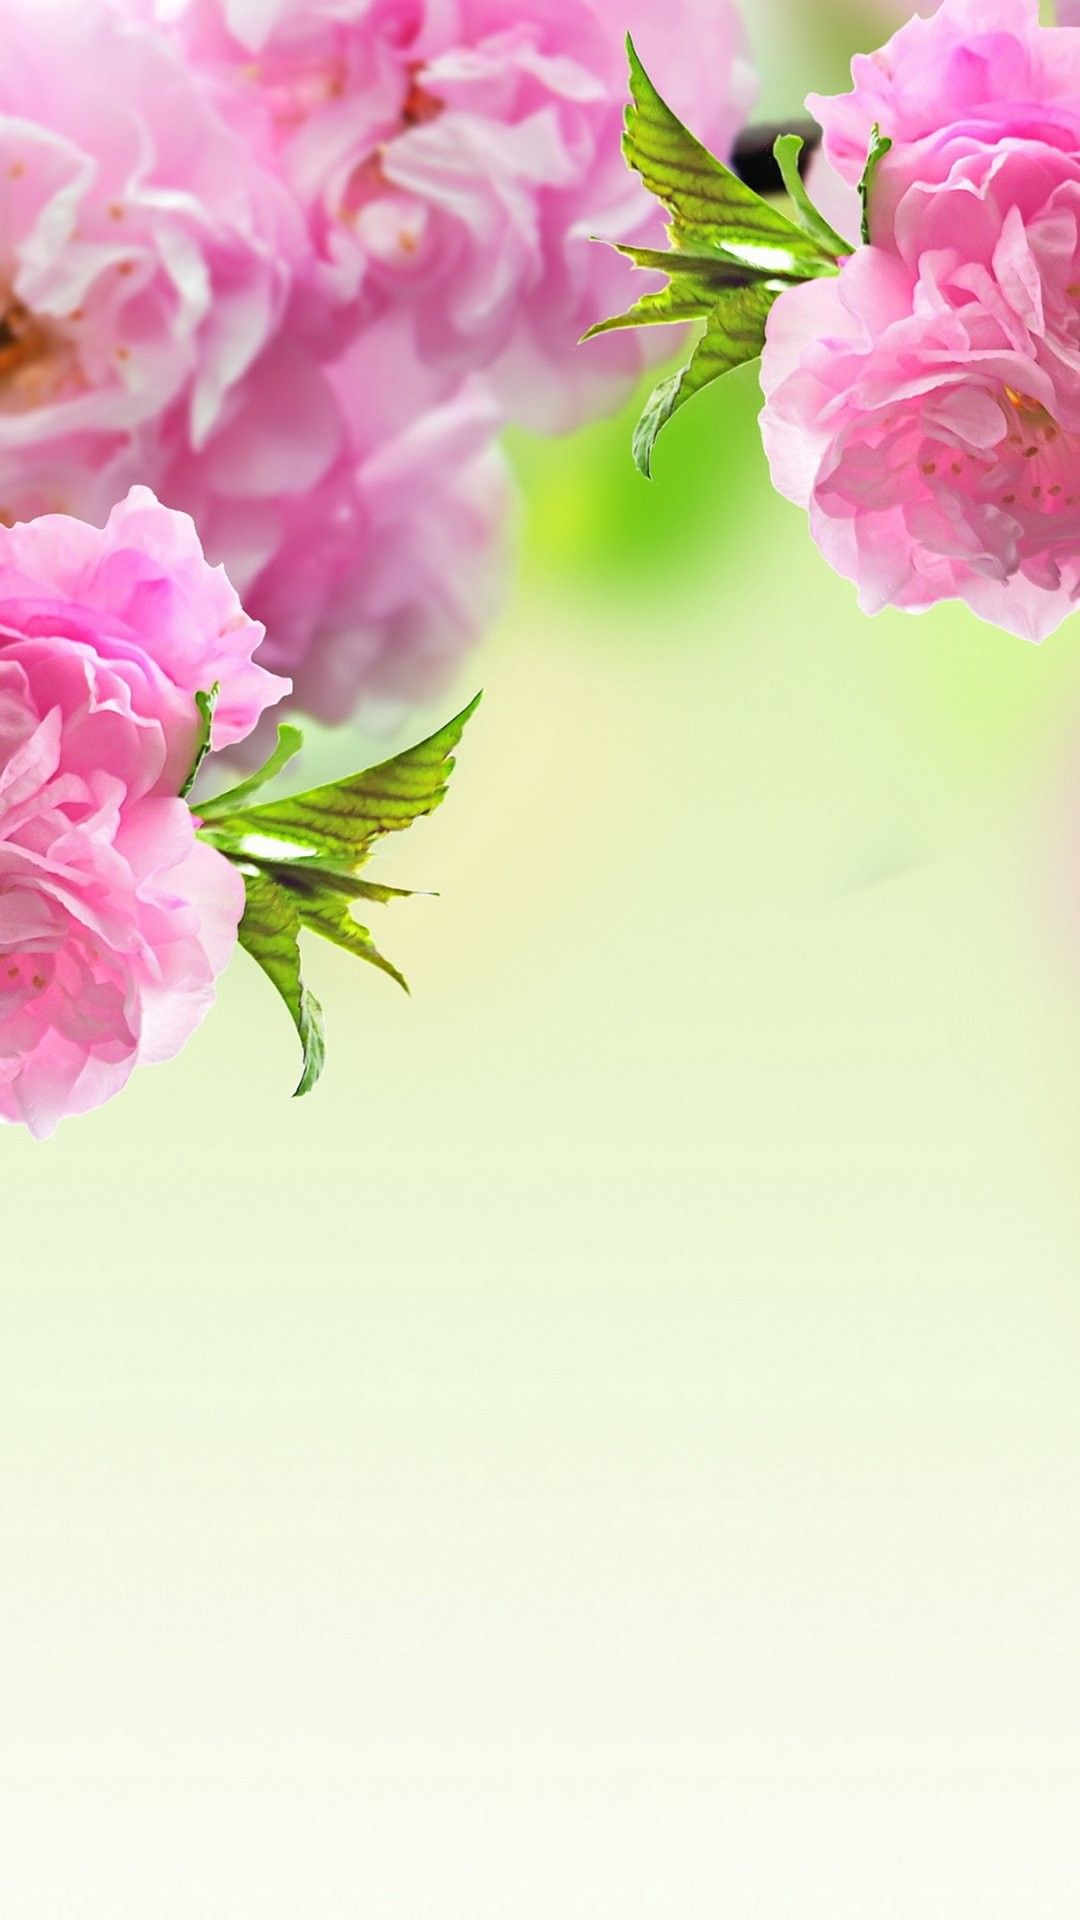 Spring Flowers Iphone 6 Plus Wallpaper 14130 Flowers Iphone 6 Plus